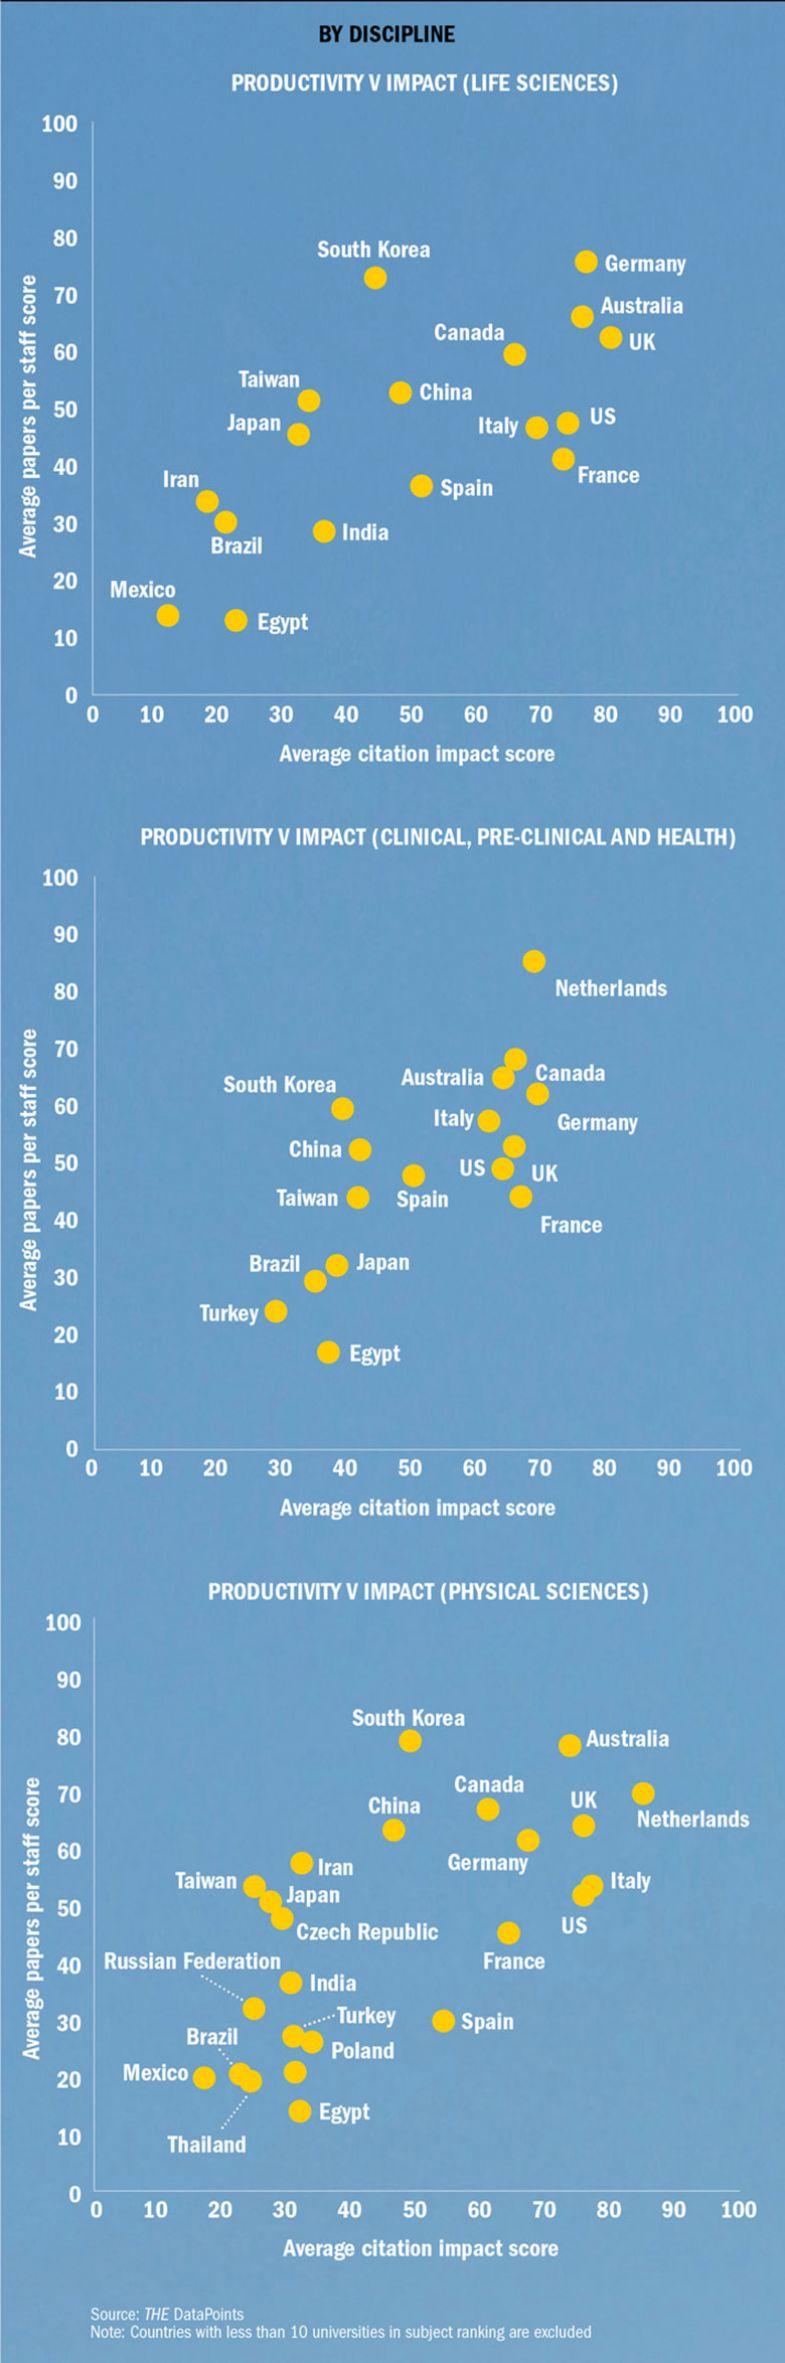 Productivity versus impact